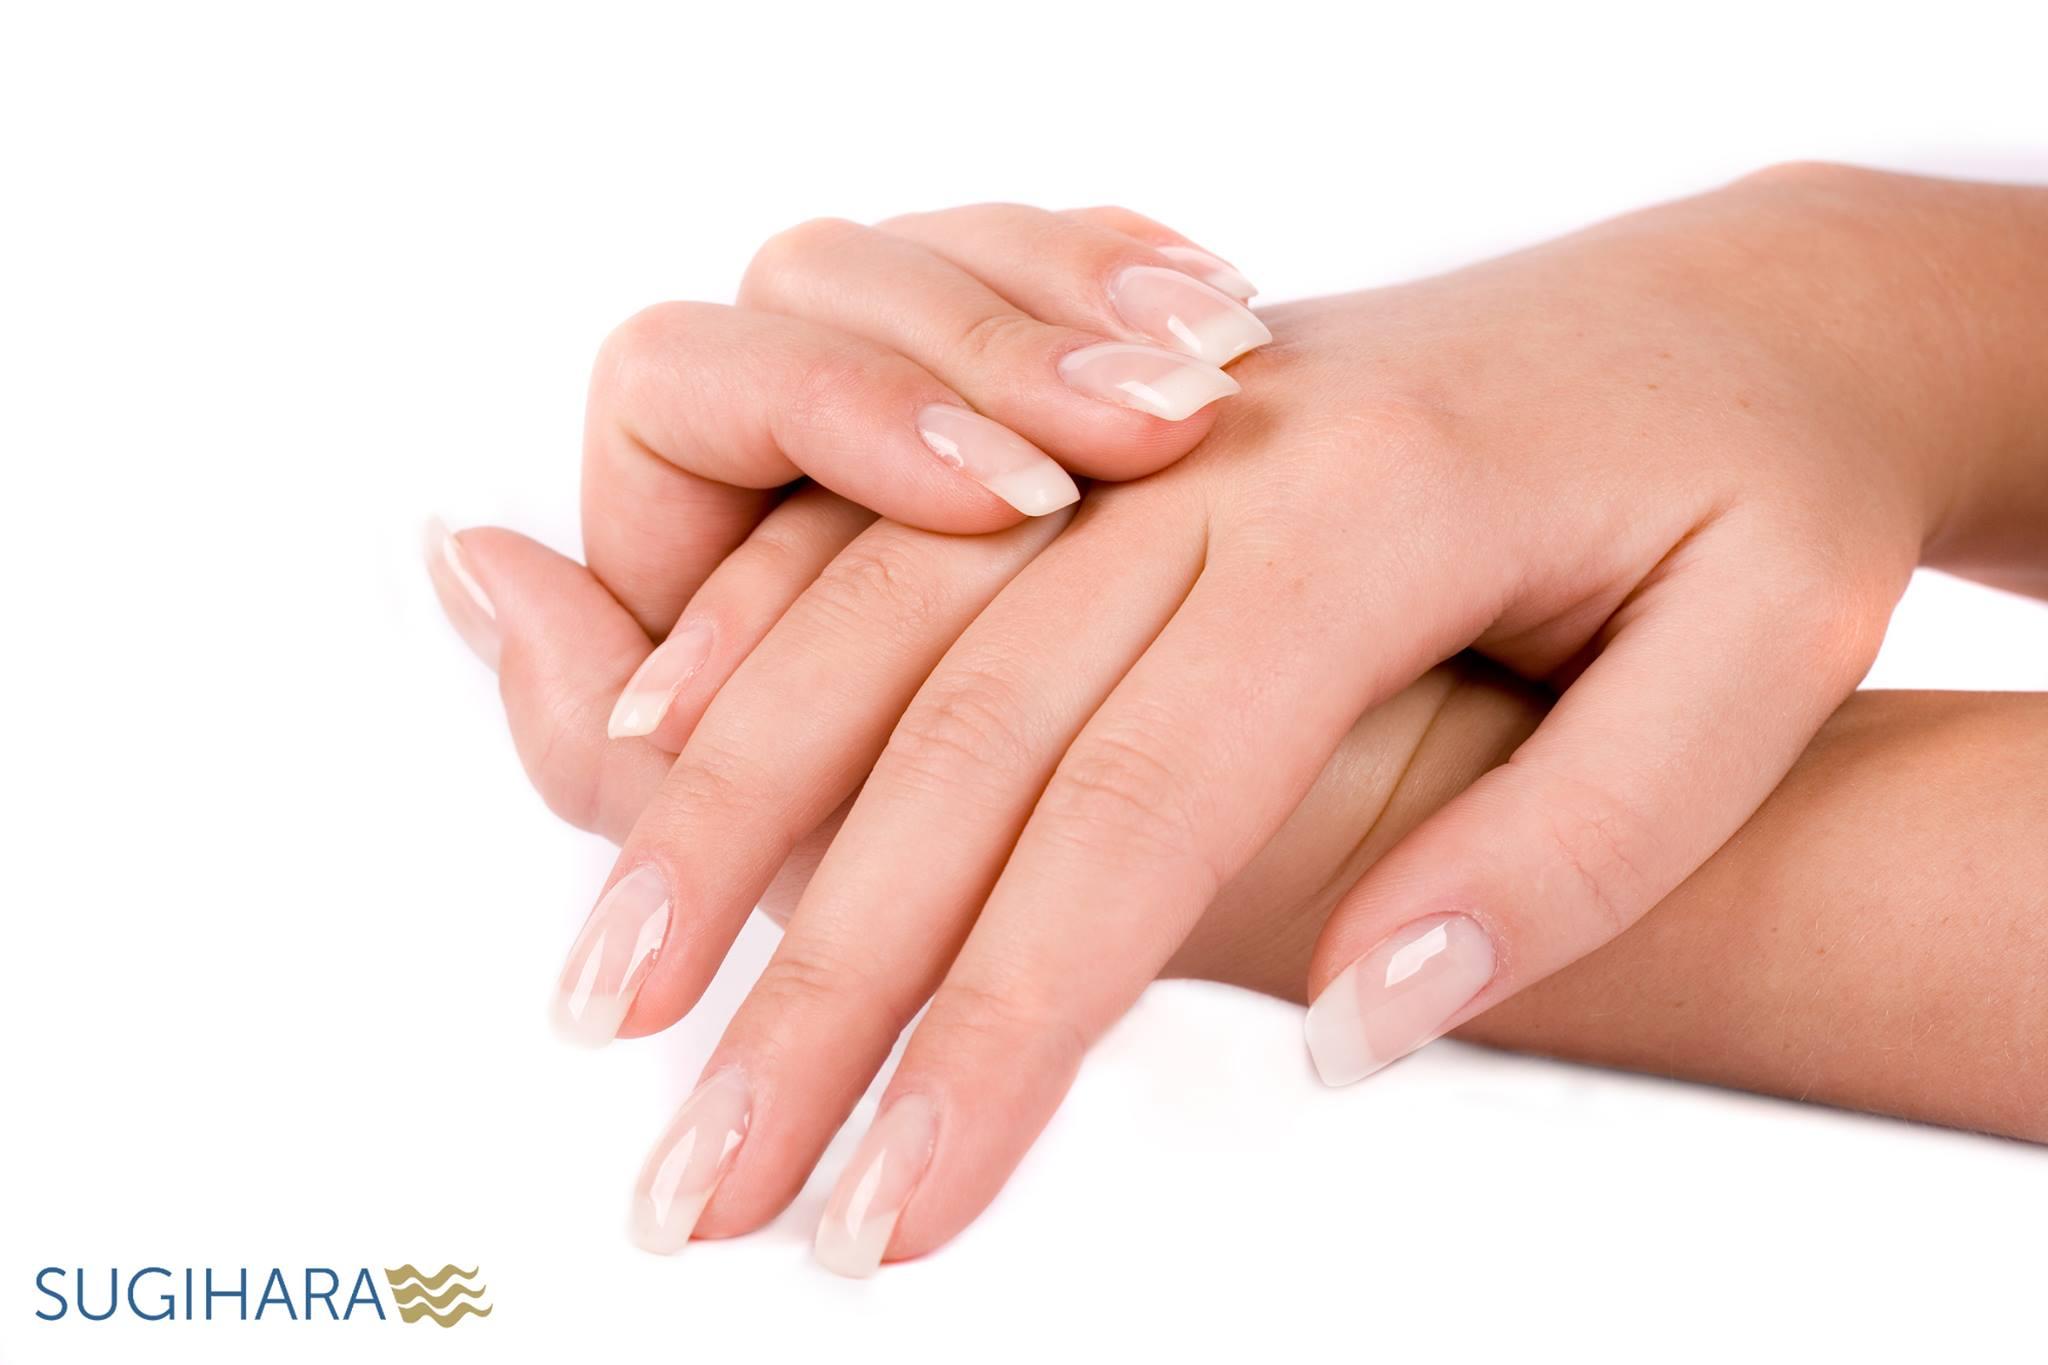 Manikiūras ir gelinis priauginimas klinikoje SUGIHARA